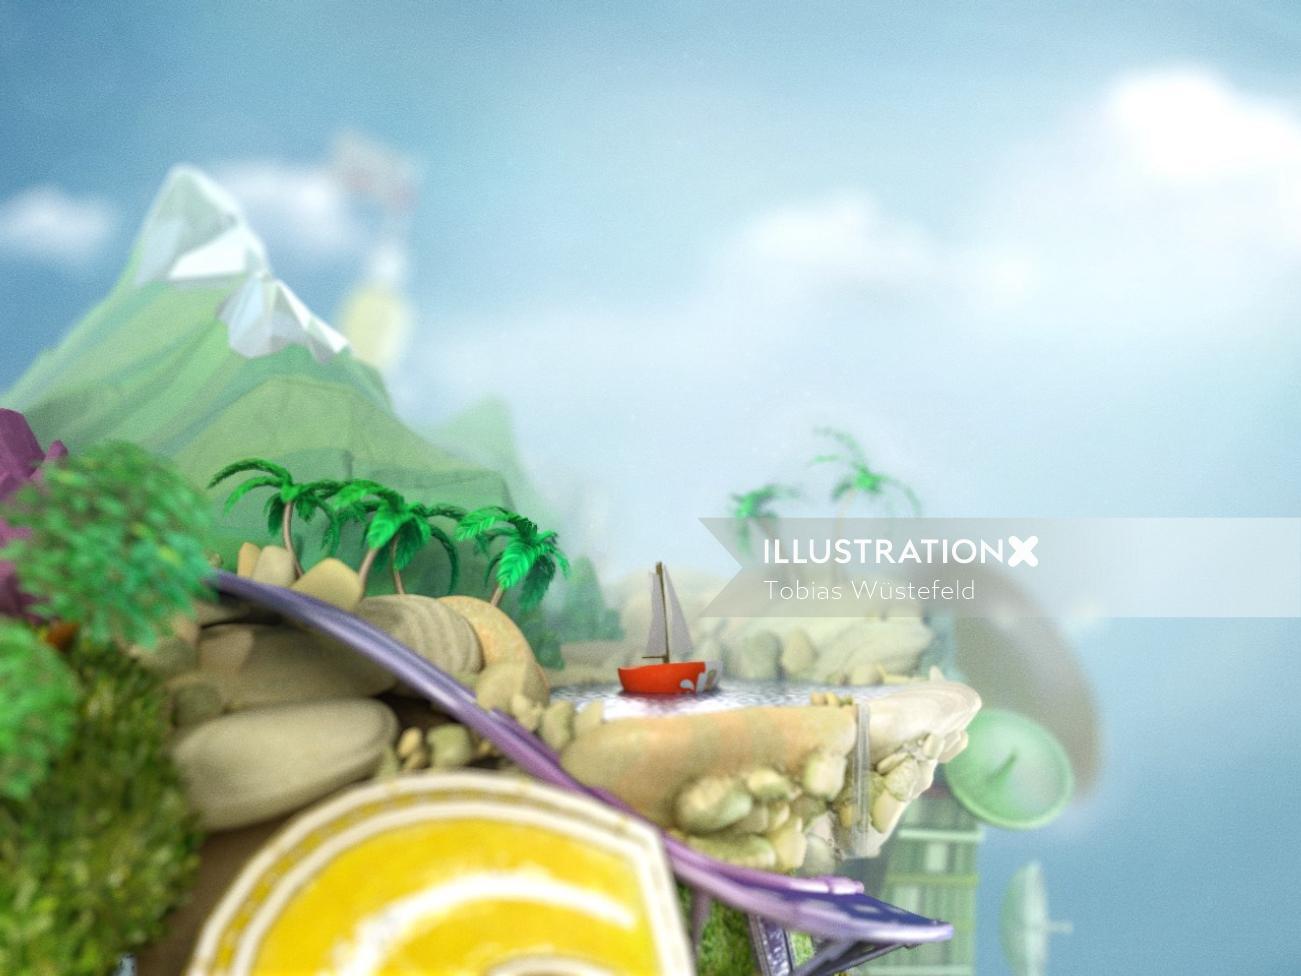 3d illustration of resort